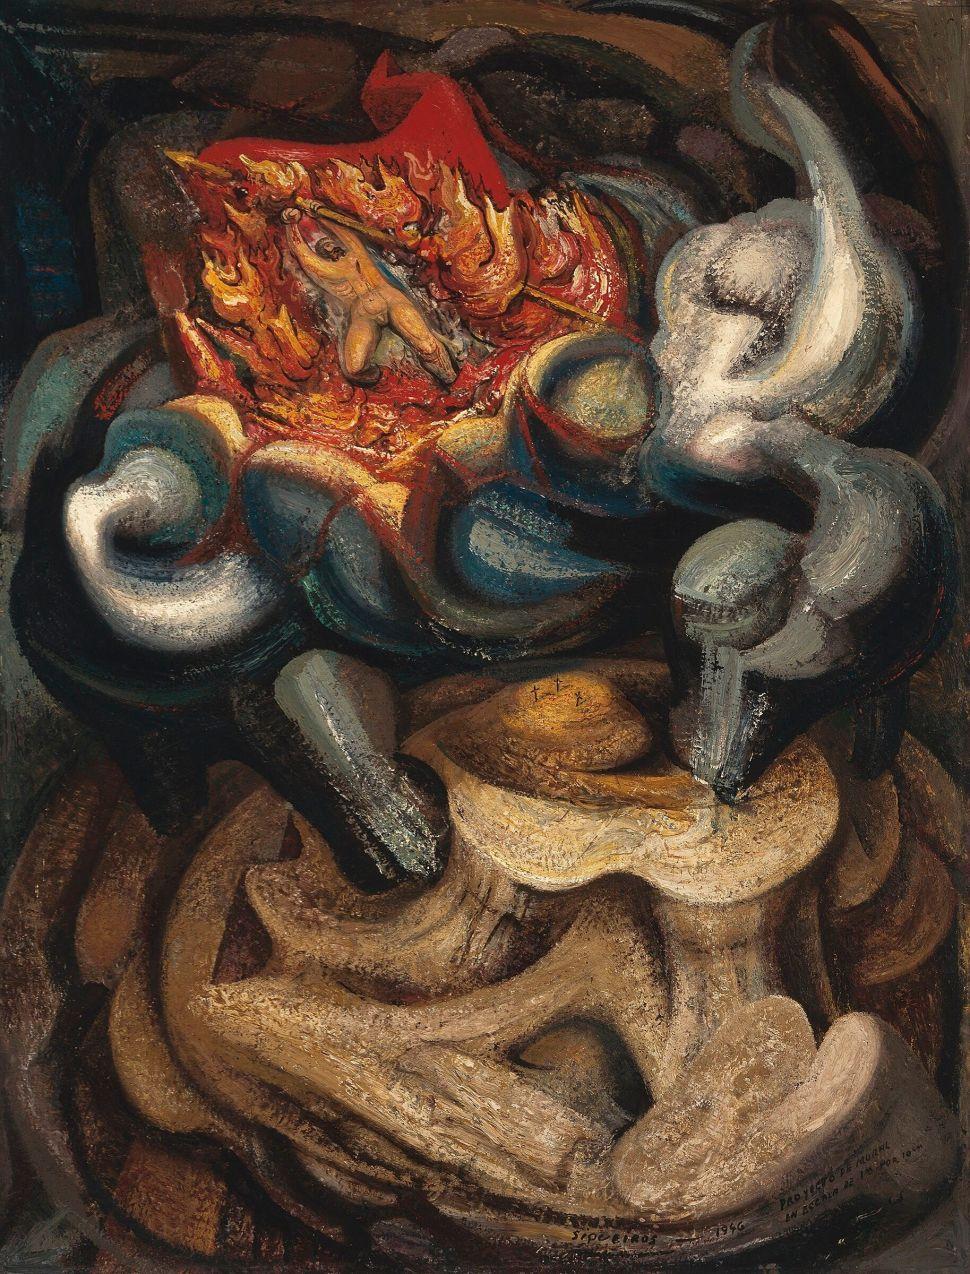 David Alfaro Siqueiros, The Resurrection, 1946